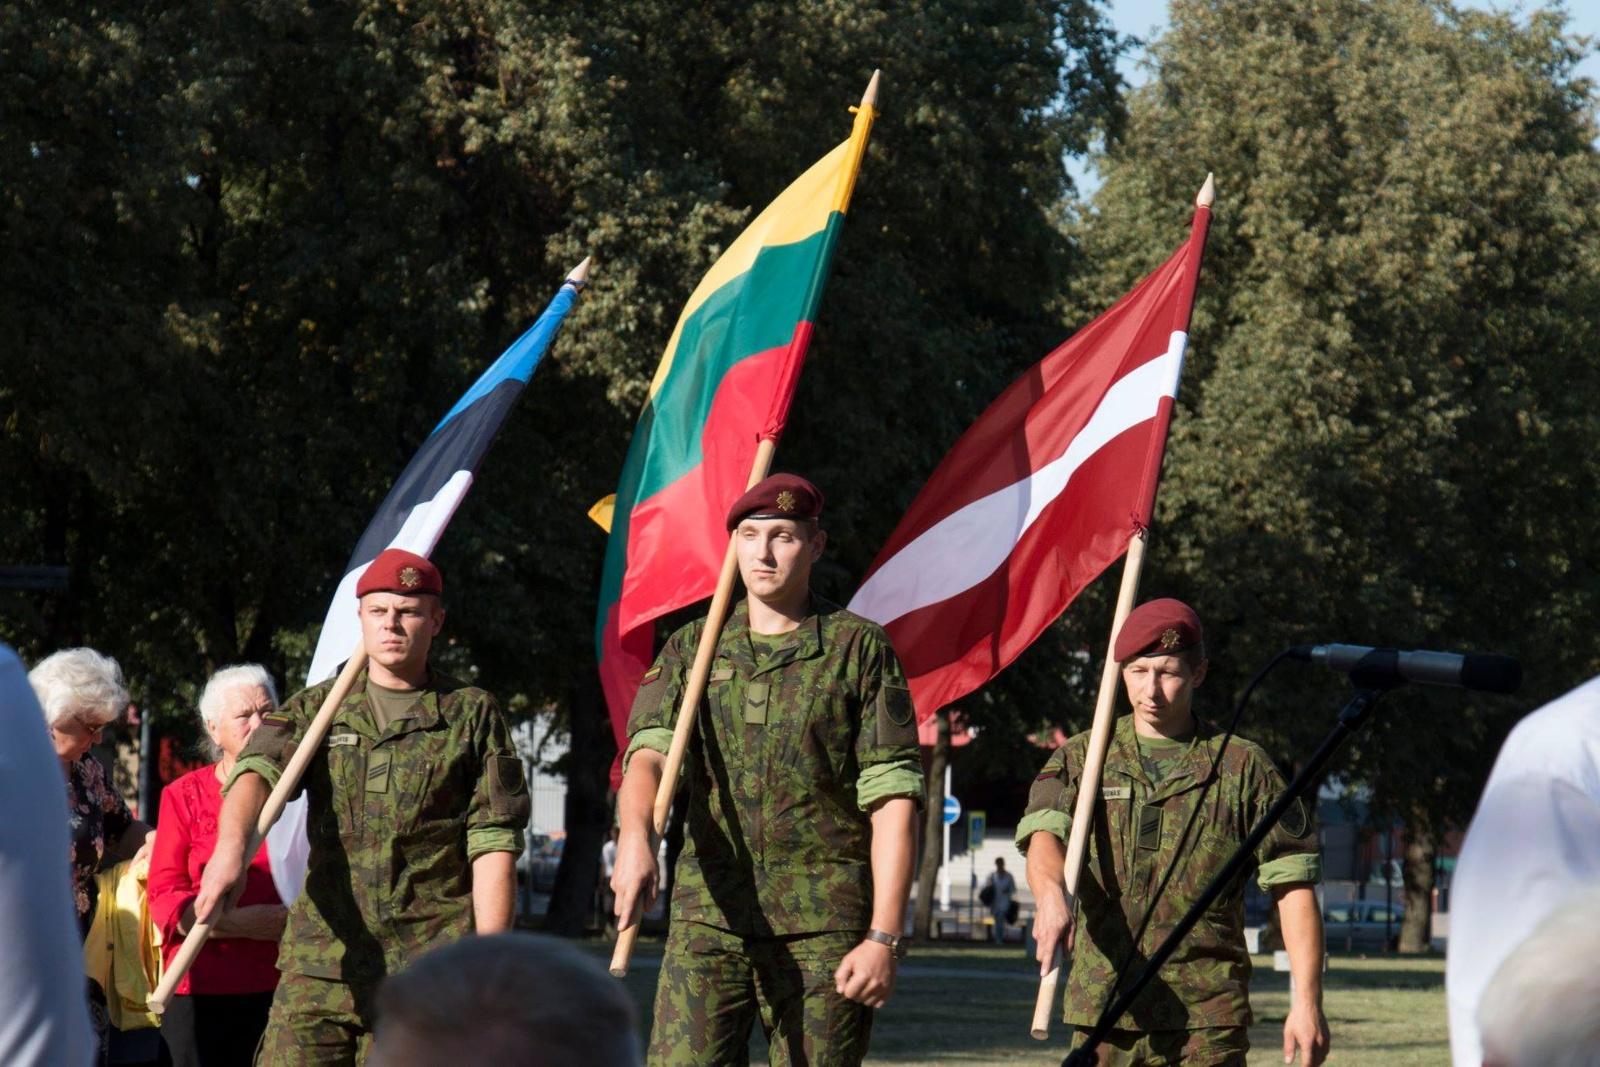 Šiauliai kviečia susitikti Baltijos kelio 30-mečiui ir Laisvės dienai skirtuose renginiuose